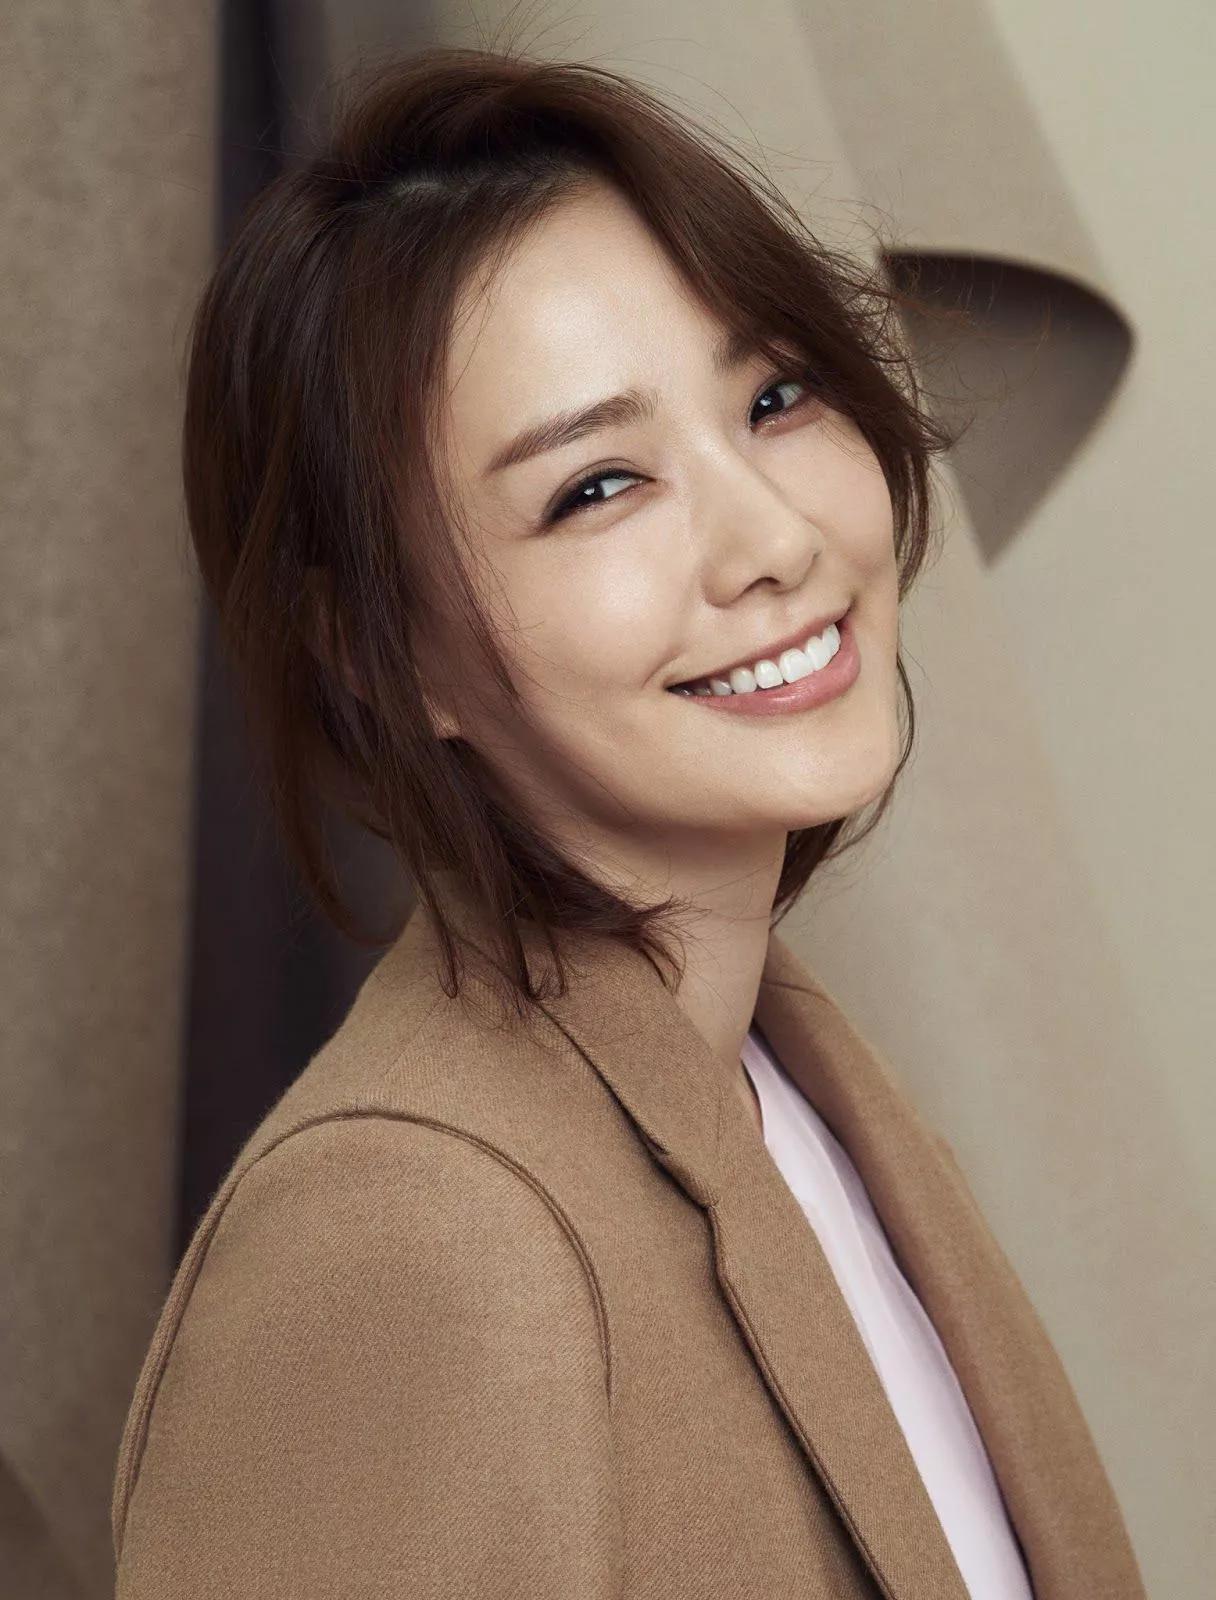 Chuyện tình Kwon Sang Woo và Á hậu 'dâu hụt' đế chế Samsung: Từ tin đồn 'đào mỏ', ngoại tình đến gia đình danh giá nhất Kbiz - Ảnh 9